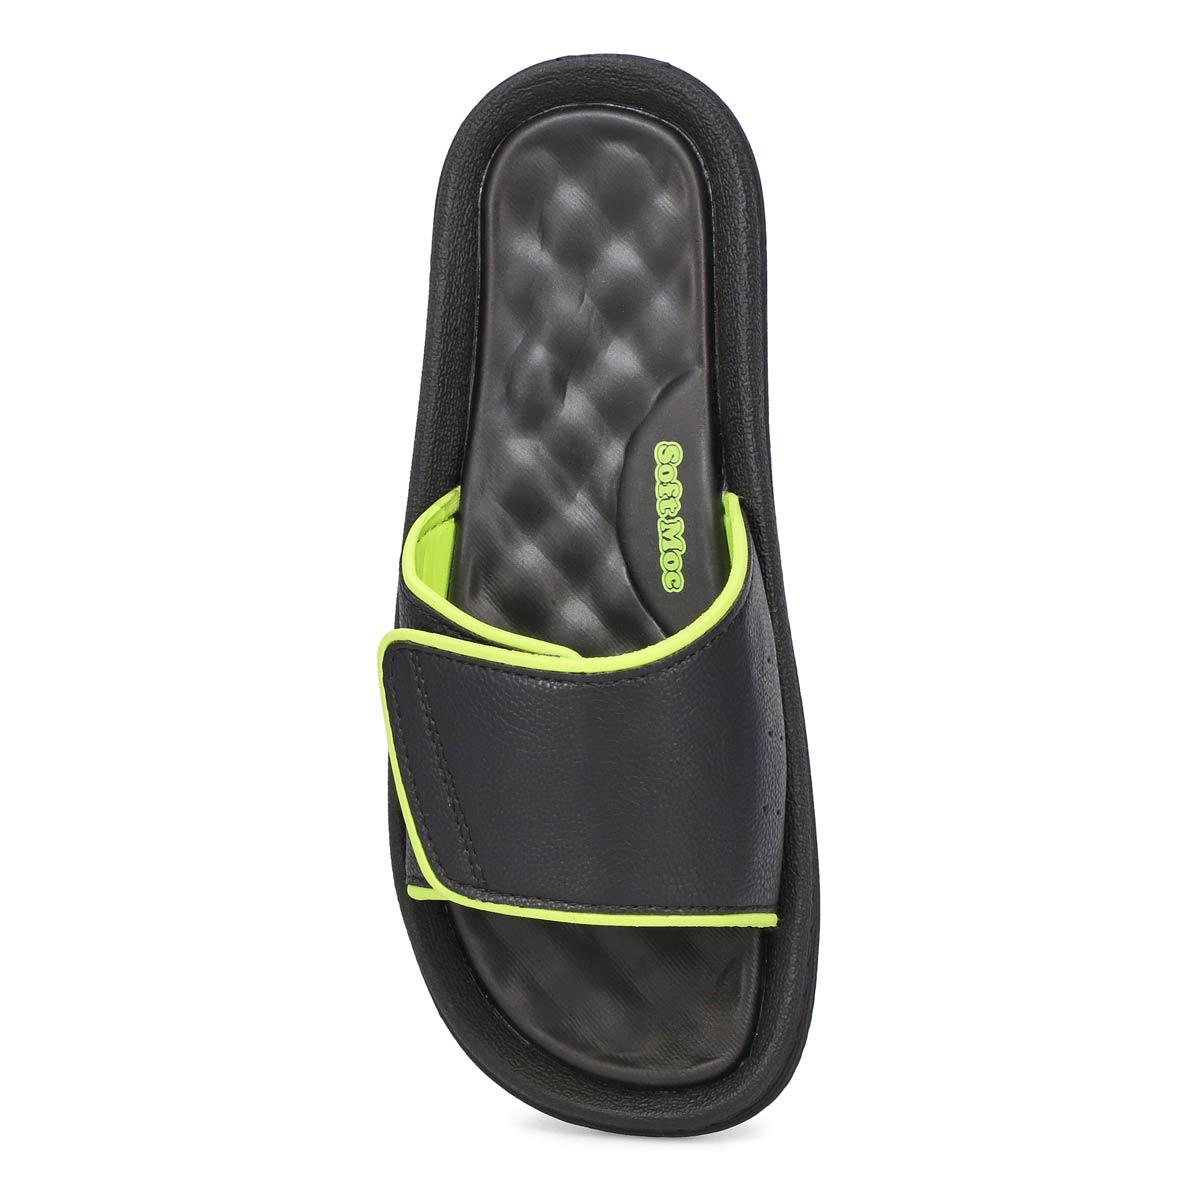 Men's Rory Slide Sandal - Black/Lime